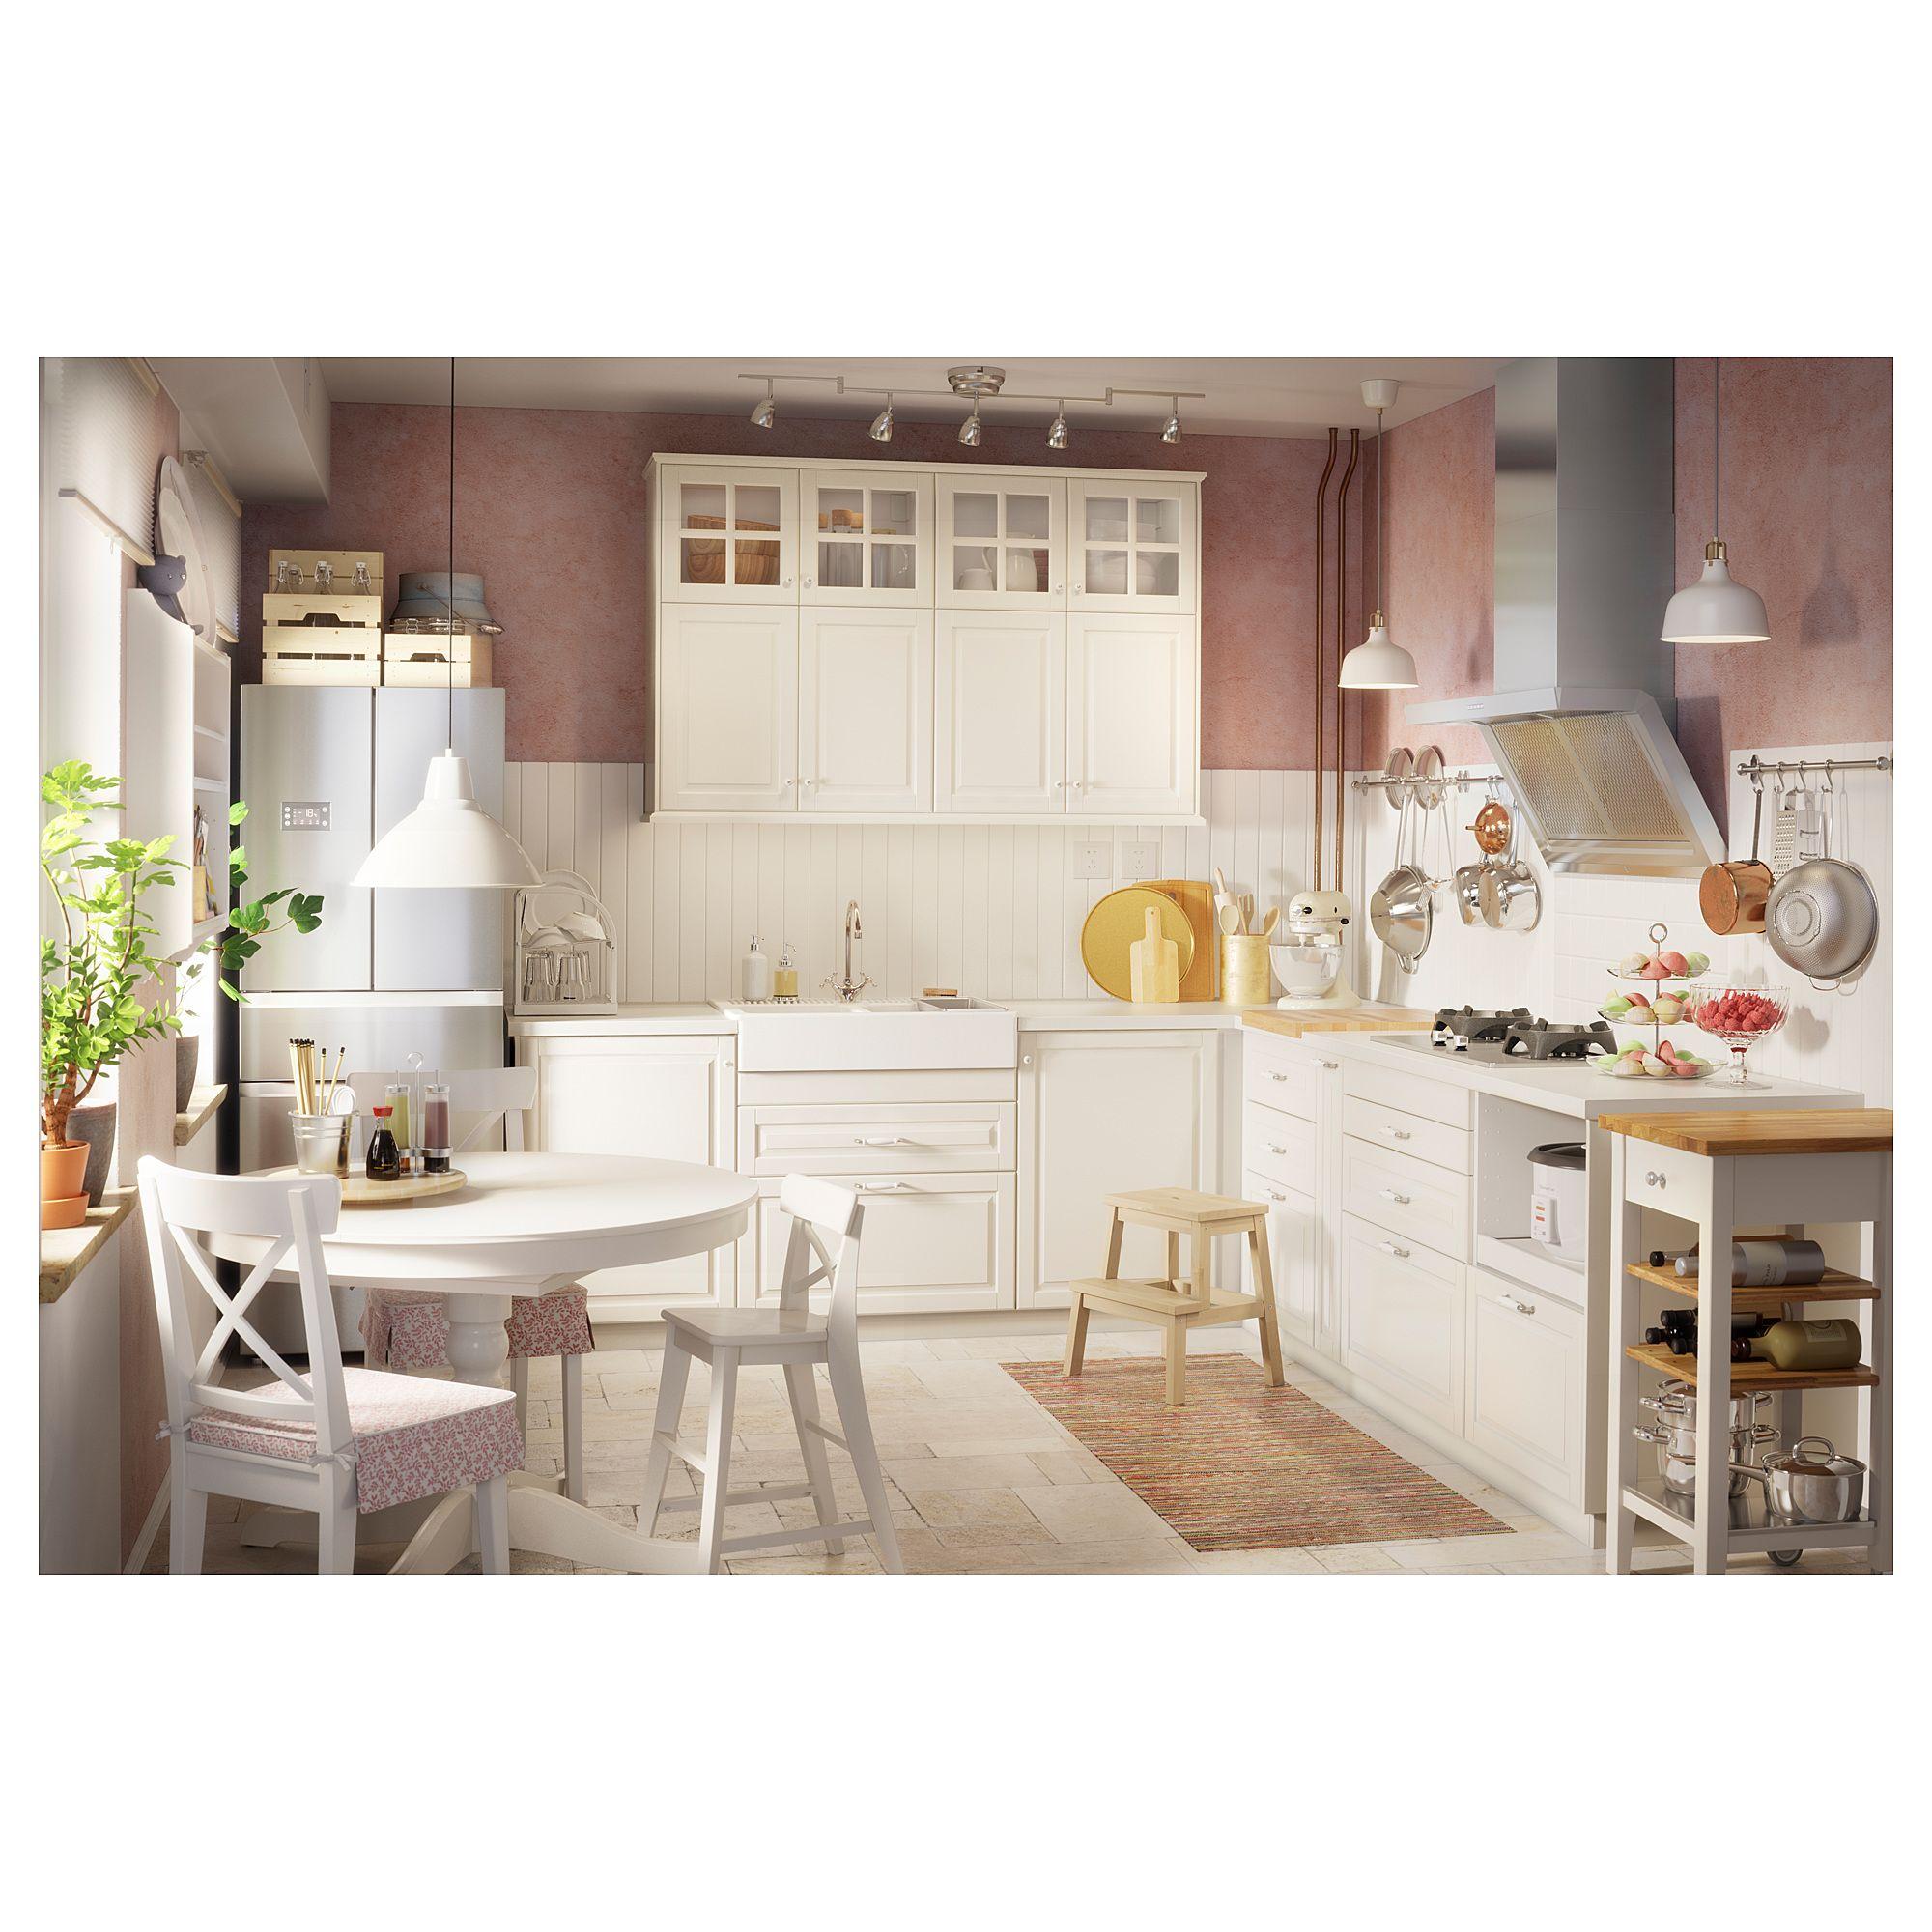 Ingolf Stuhl Weiss Kitchen Kuche Wohnung Kuche